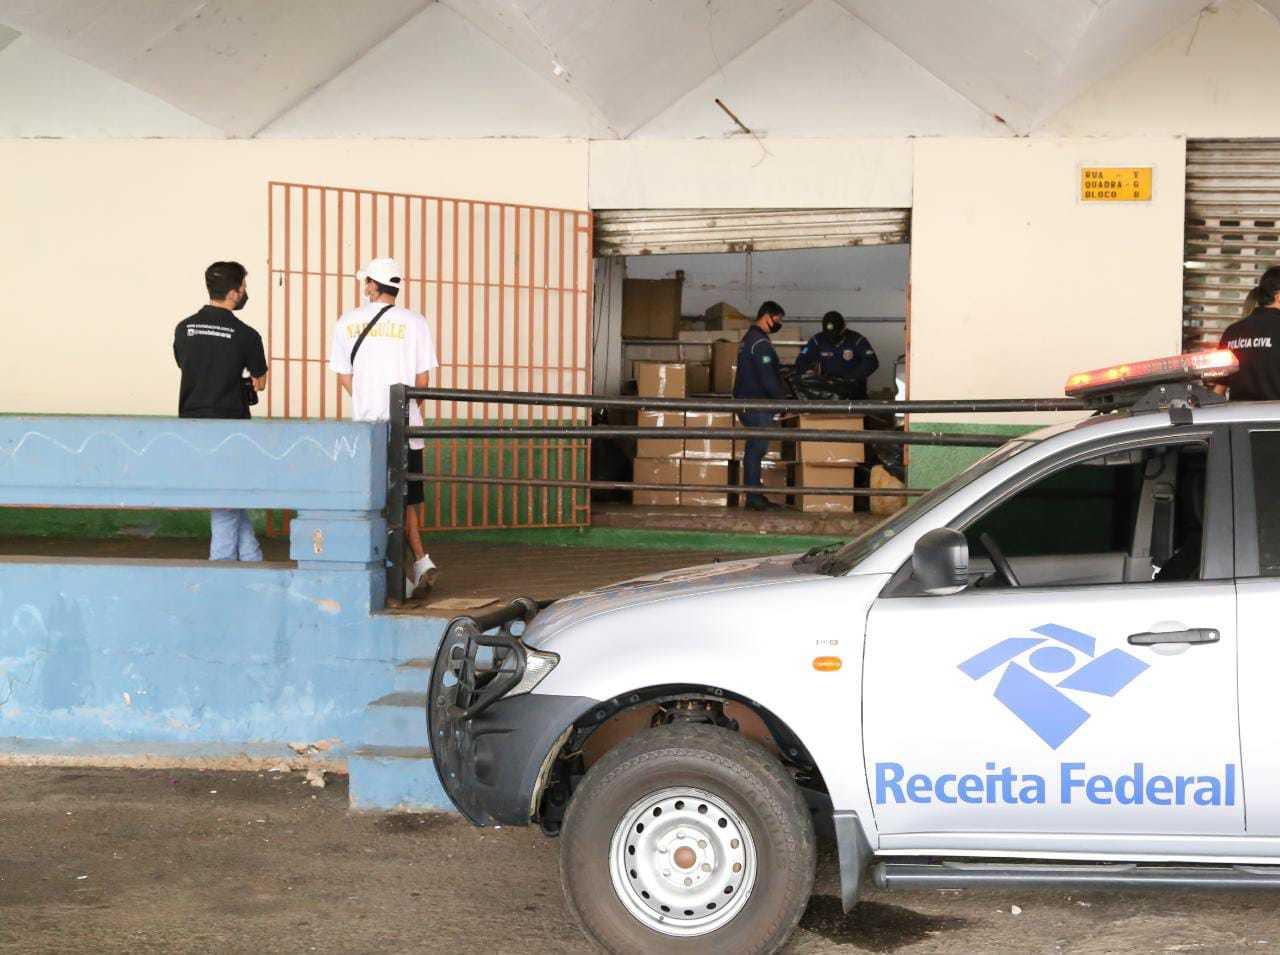 Carro da Receita Federal em apoio a operação na tarde desta segunda-feira (Foto: Kísie Ainoã)